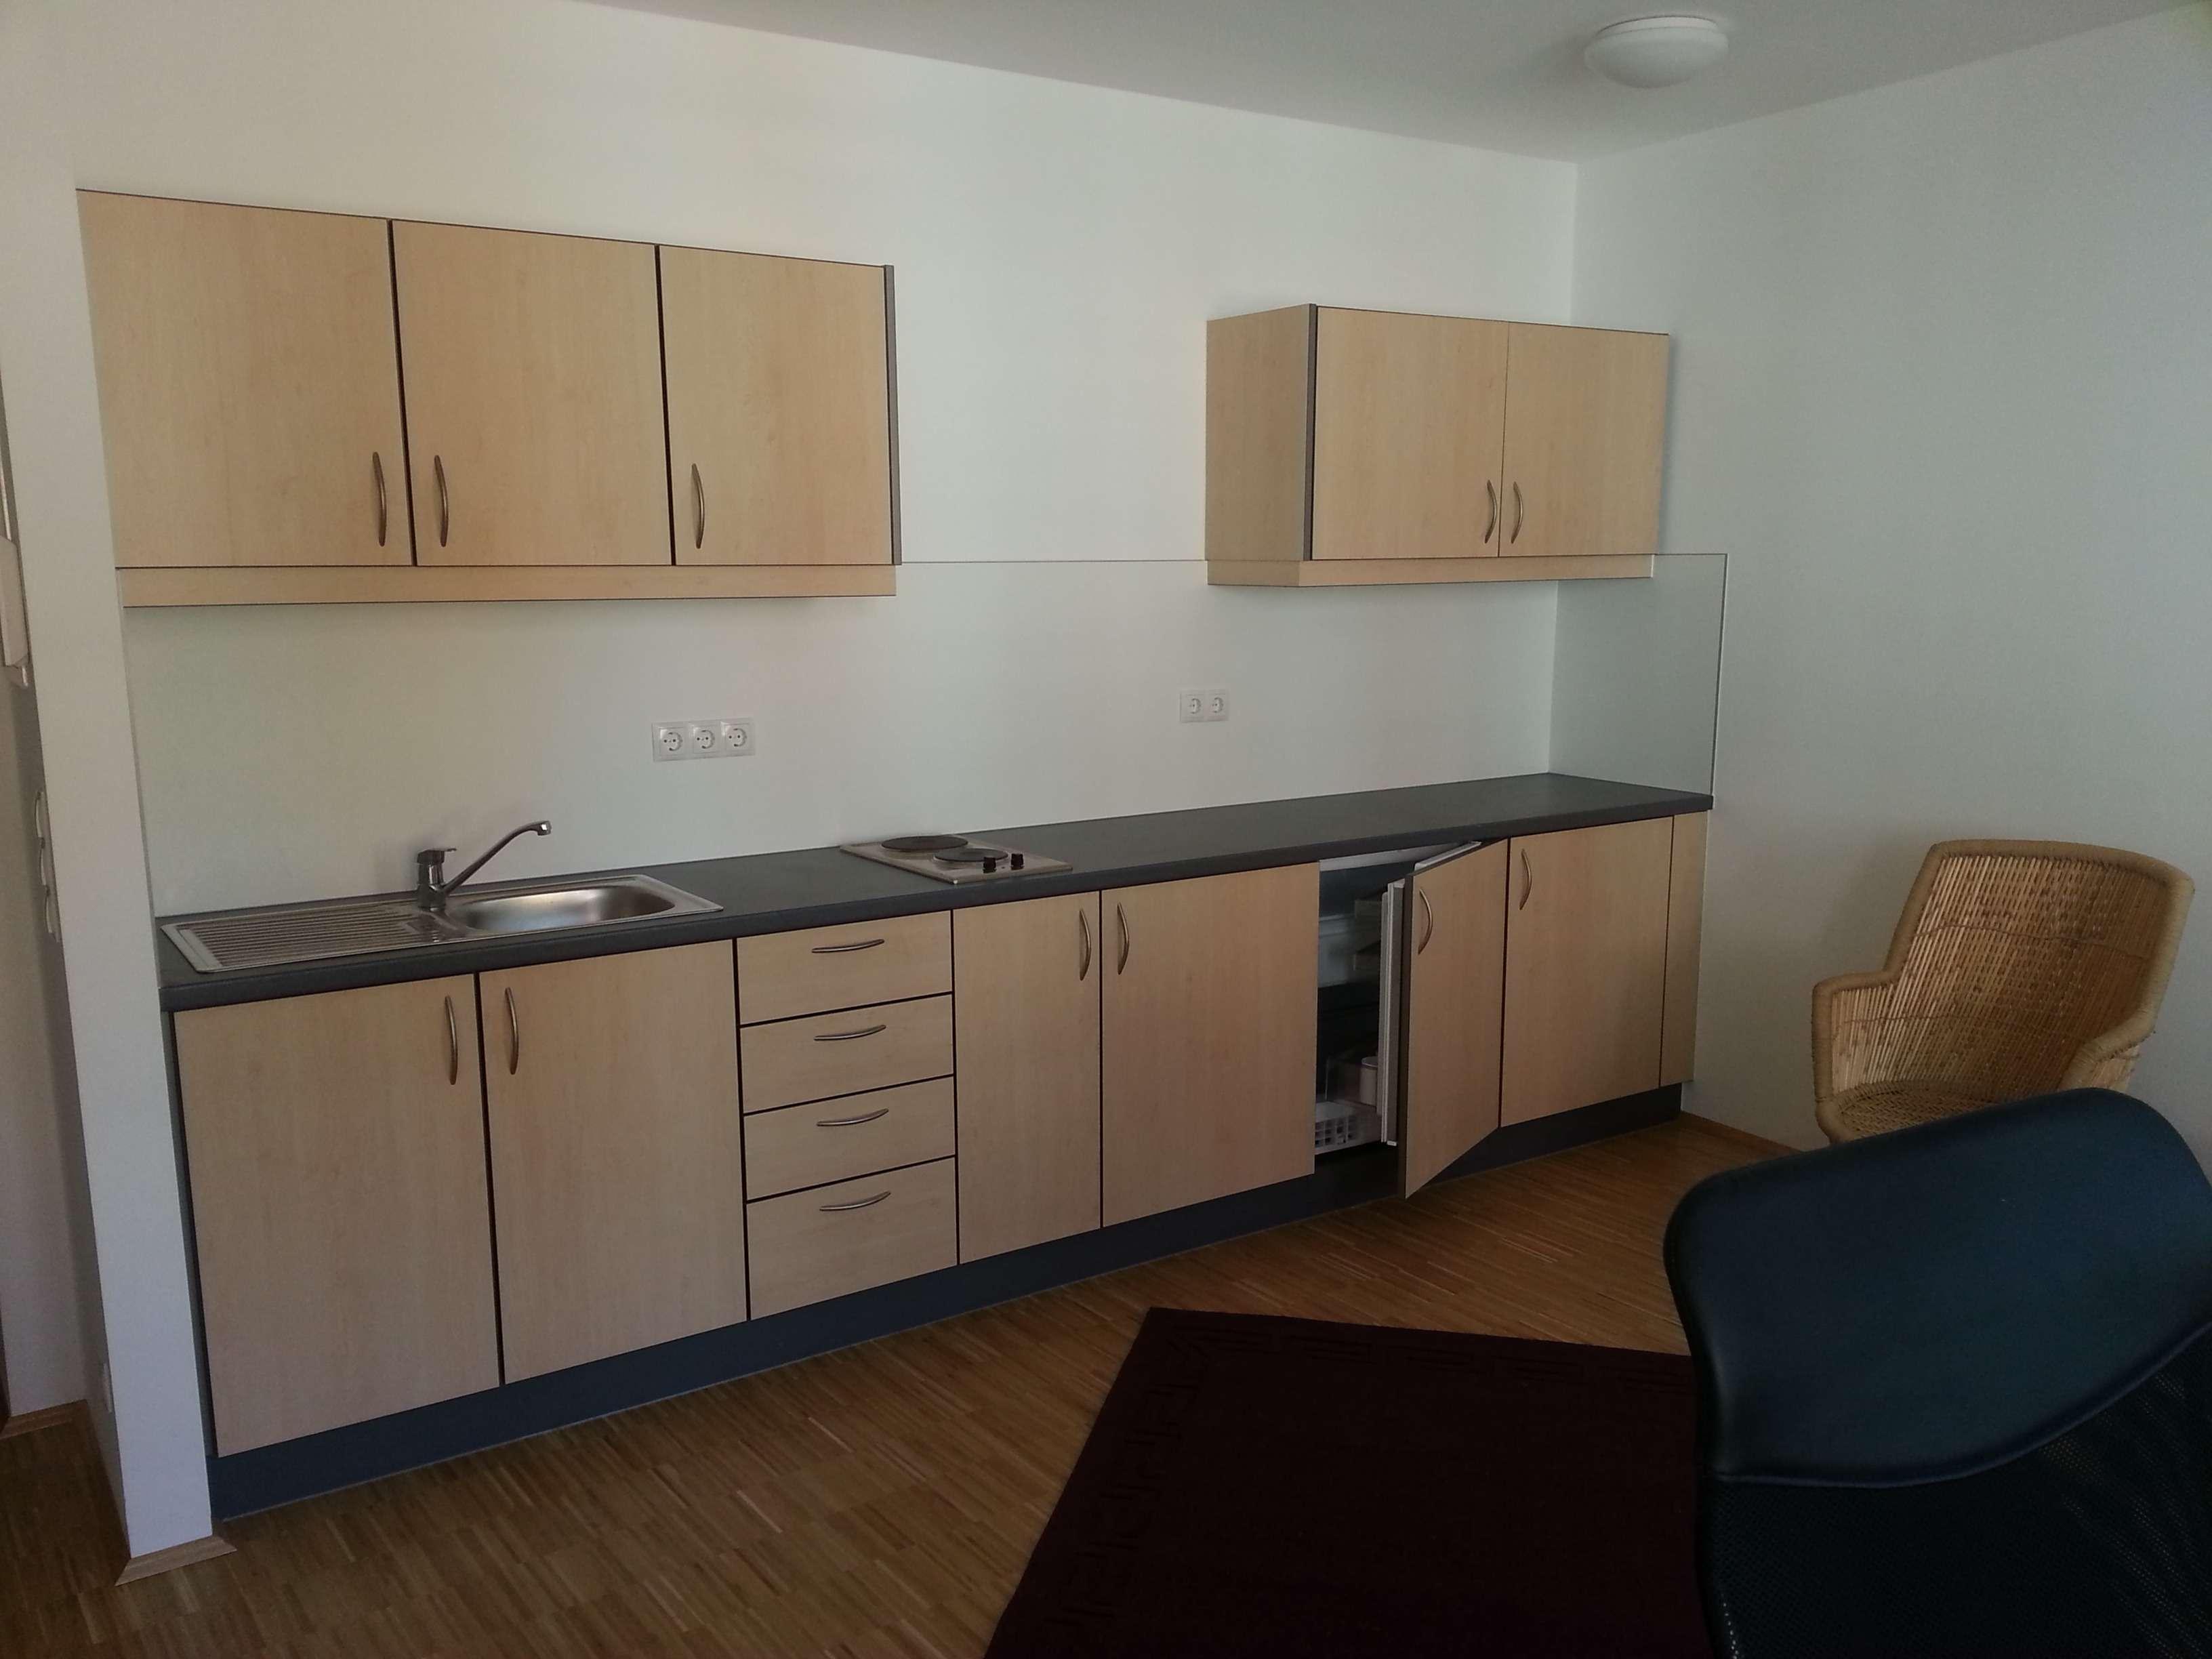 Möbliertes 1-Raum-Appartement im Herzen von Coburg in Coburg-Zentrum (Coburg)